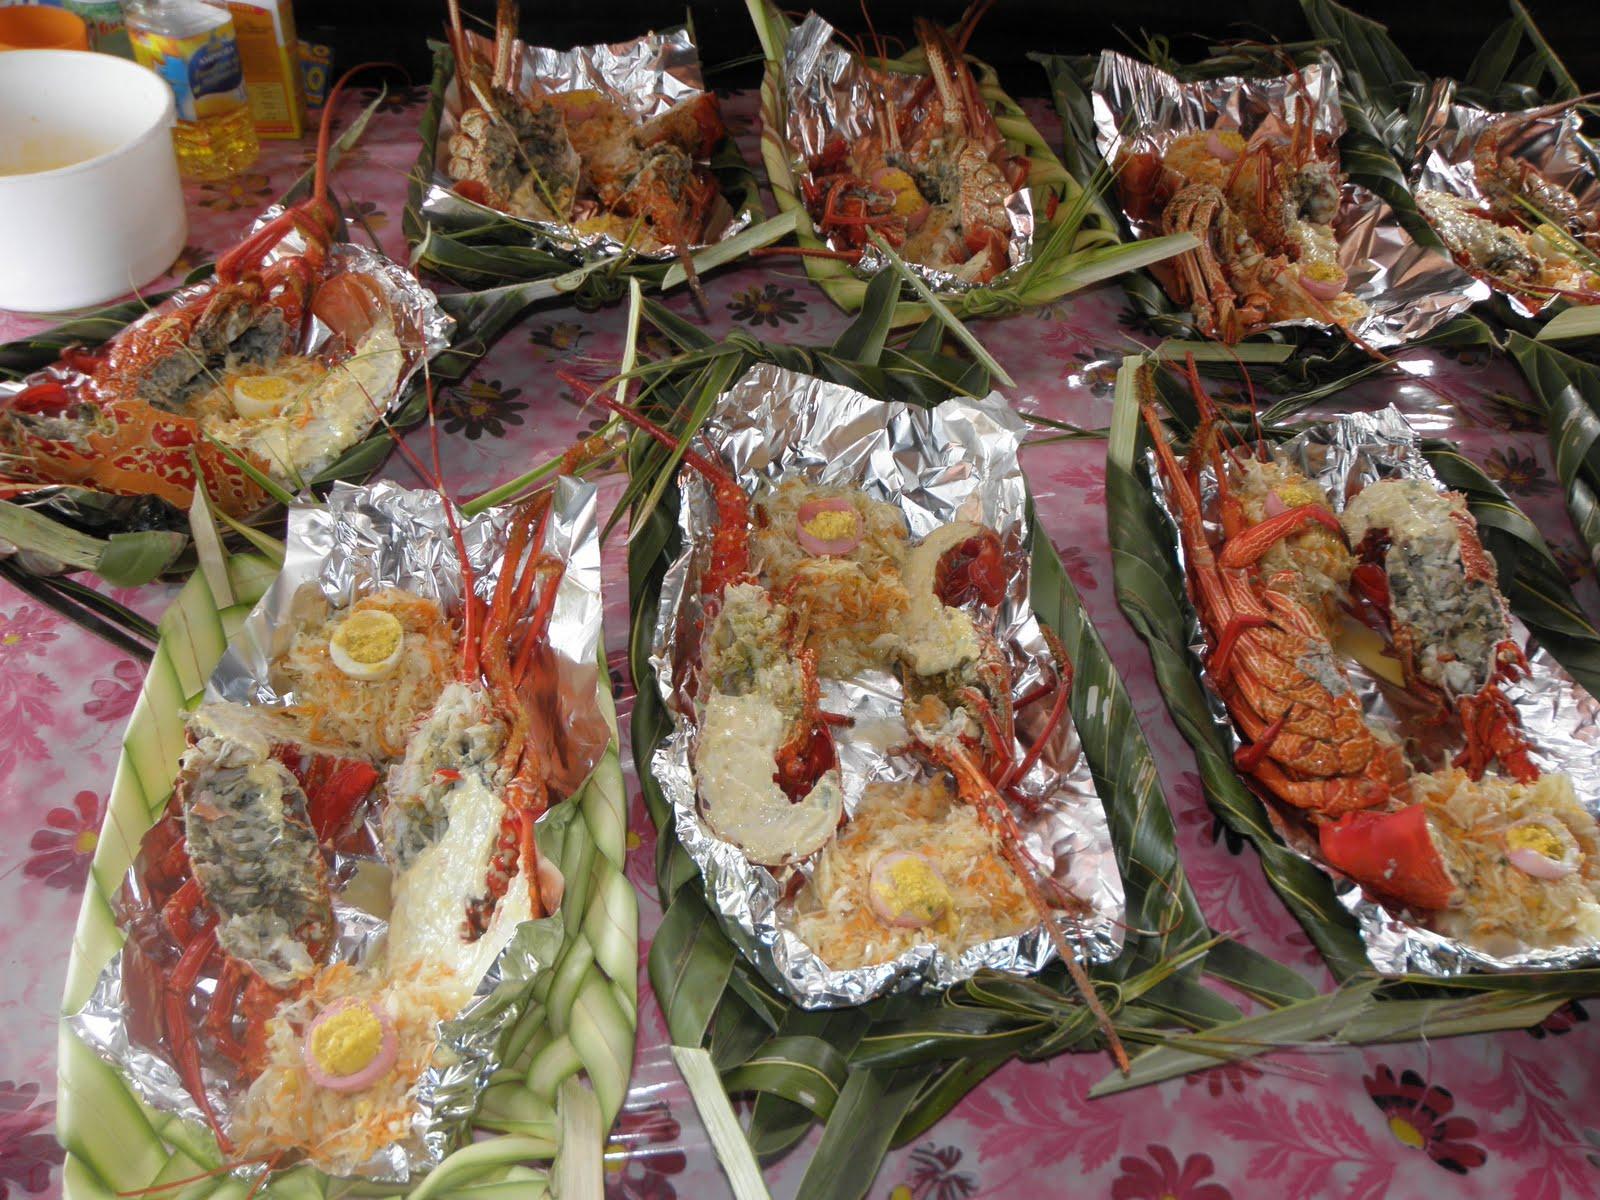 Maya en Nouvelle Caledonie: Mariage kanak ...côté cuisine !